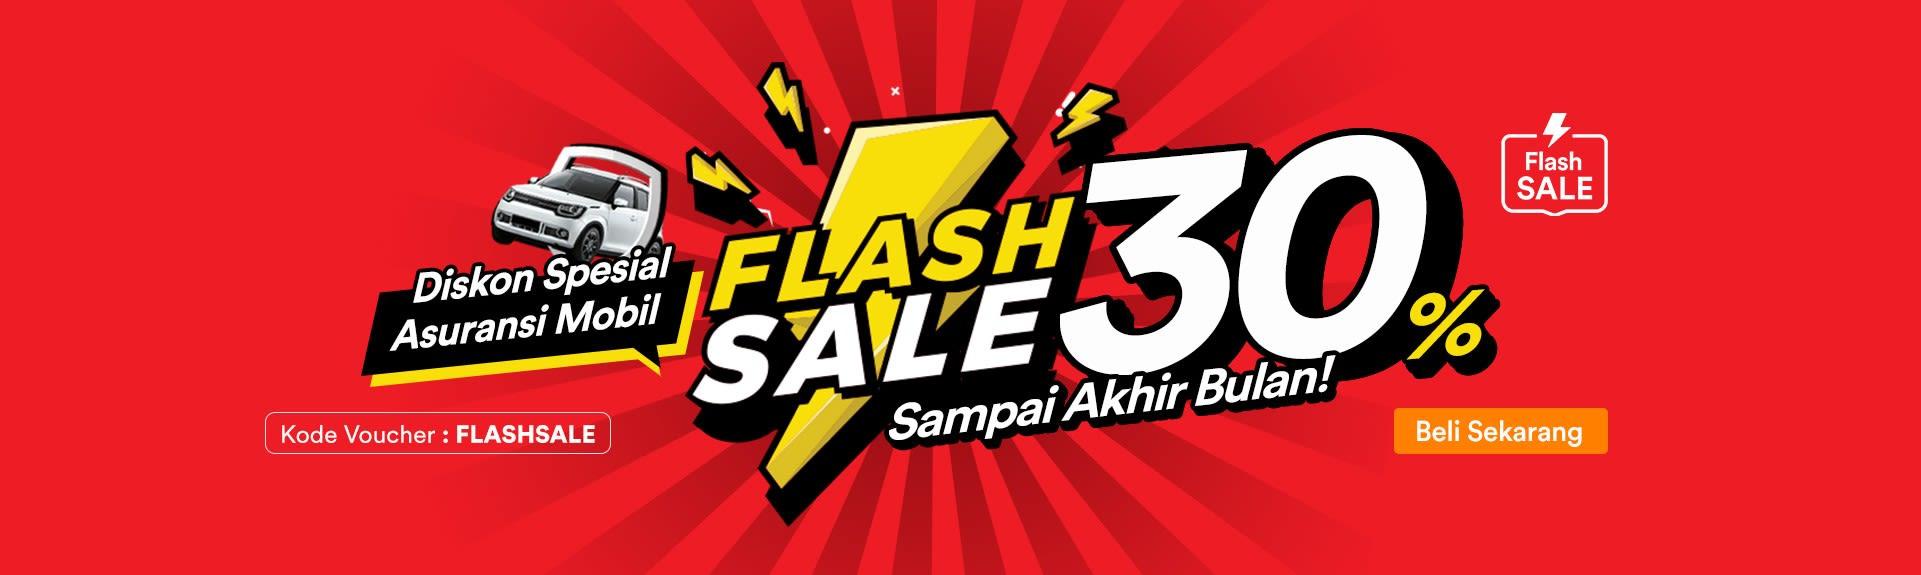 Flash Sale - Diskon 30% Asuransi Mobil